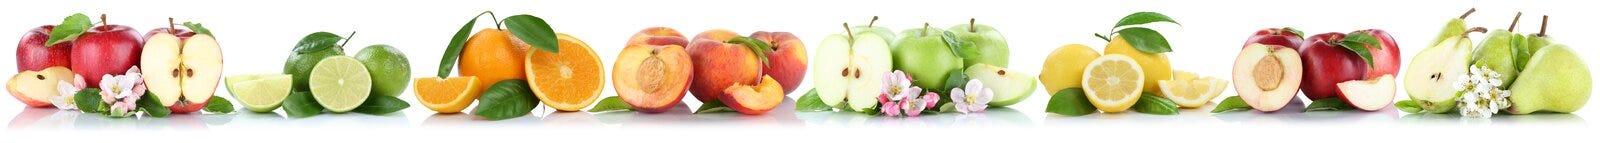 Fruttifica le mele che arancio della nettarina del limone della mela le arance fruttificano in un ro Immagini Stock Libere da Diritti